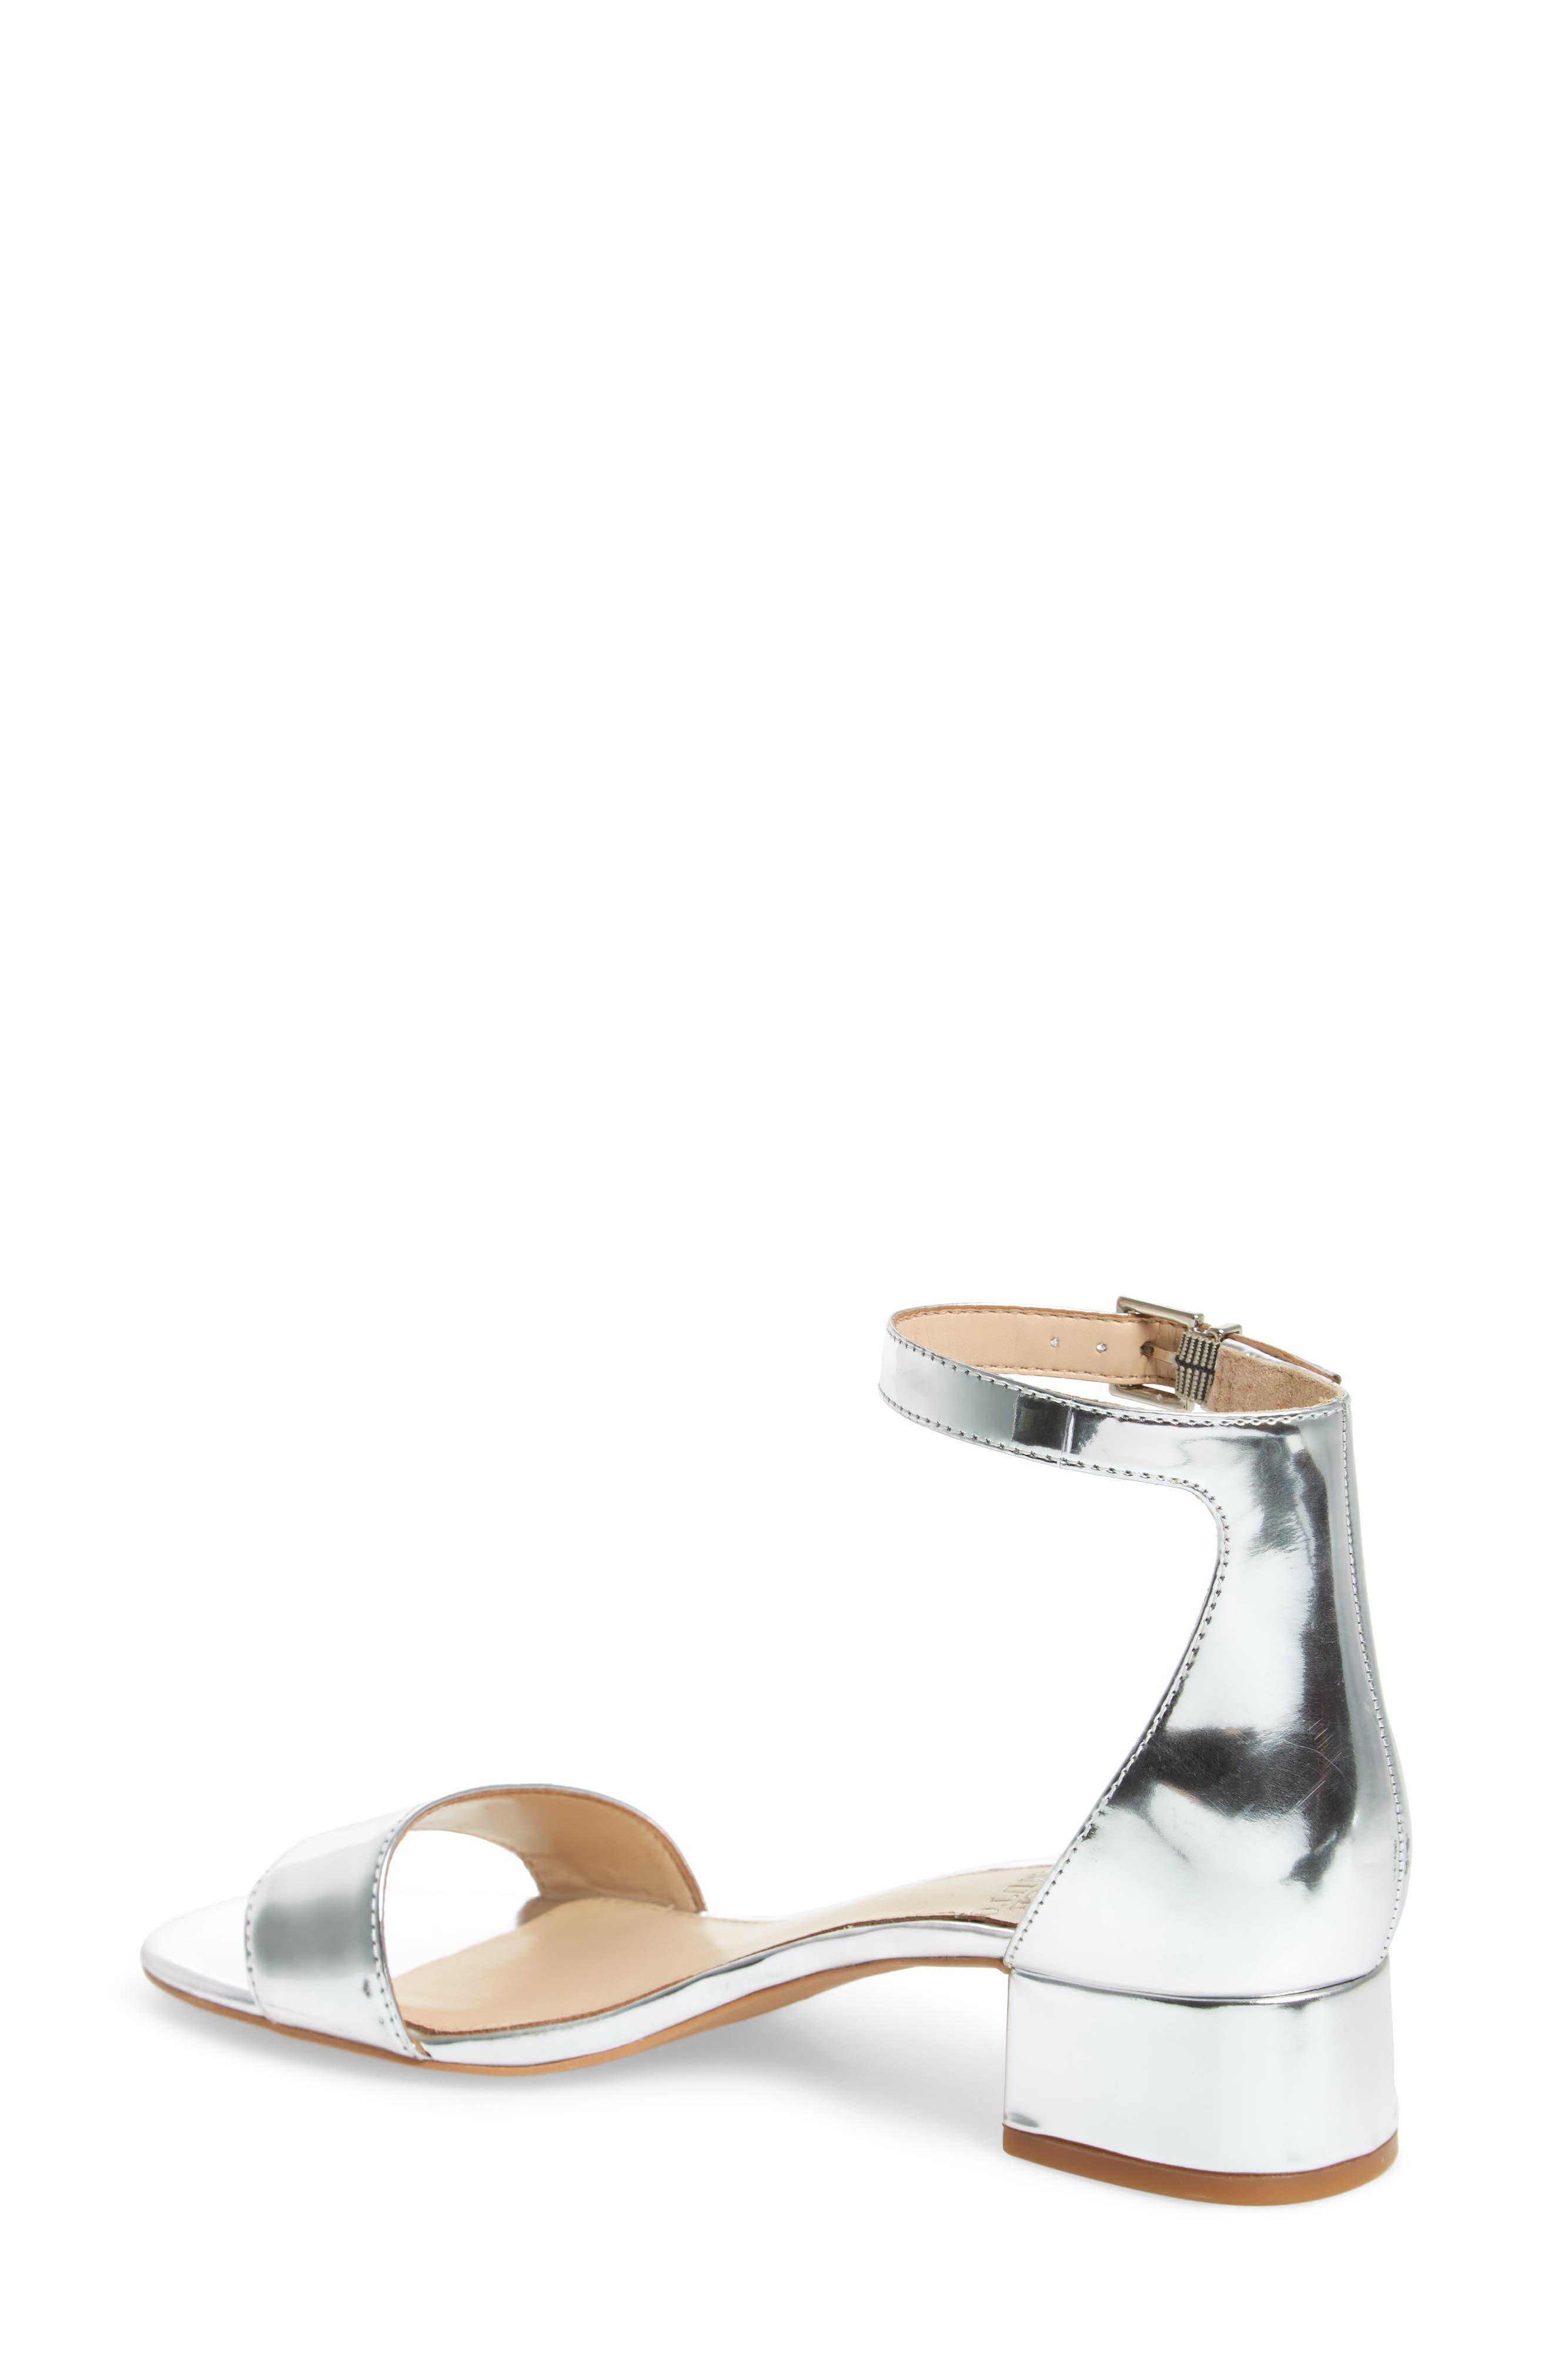 Sasseta Sandal,                             Alternate thumbnail 2, color,                             Bright Silver